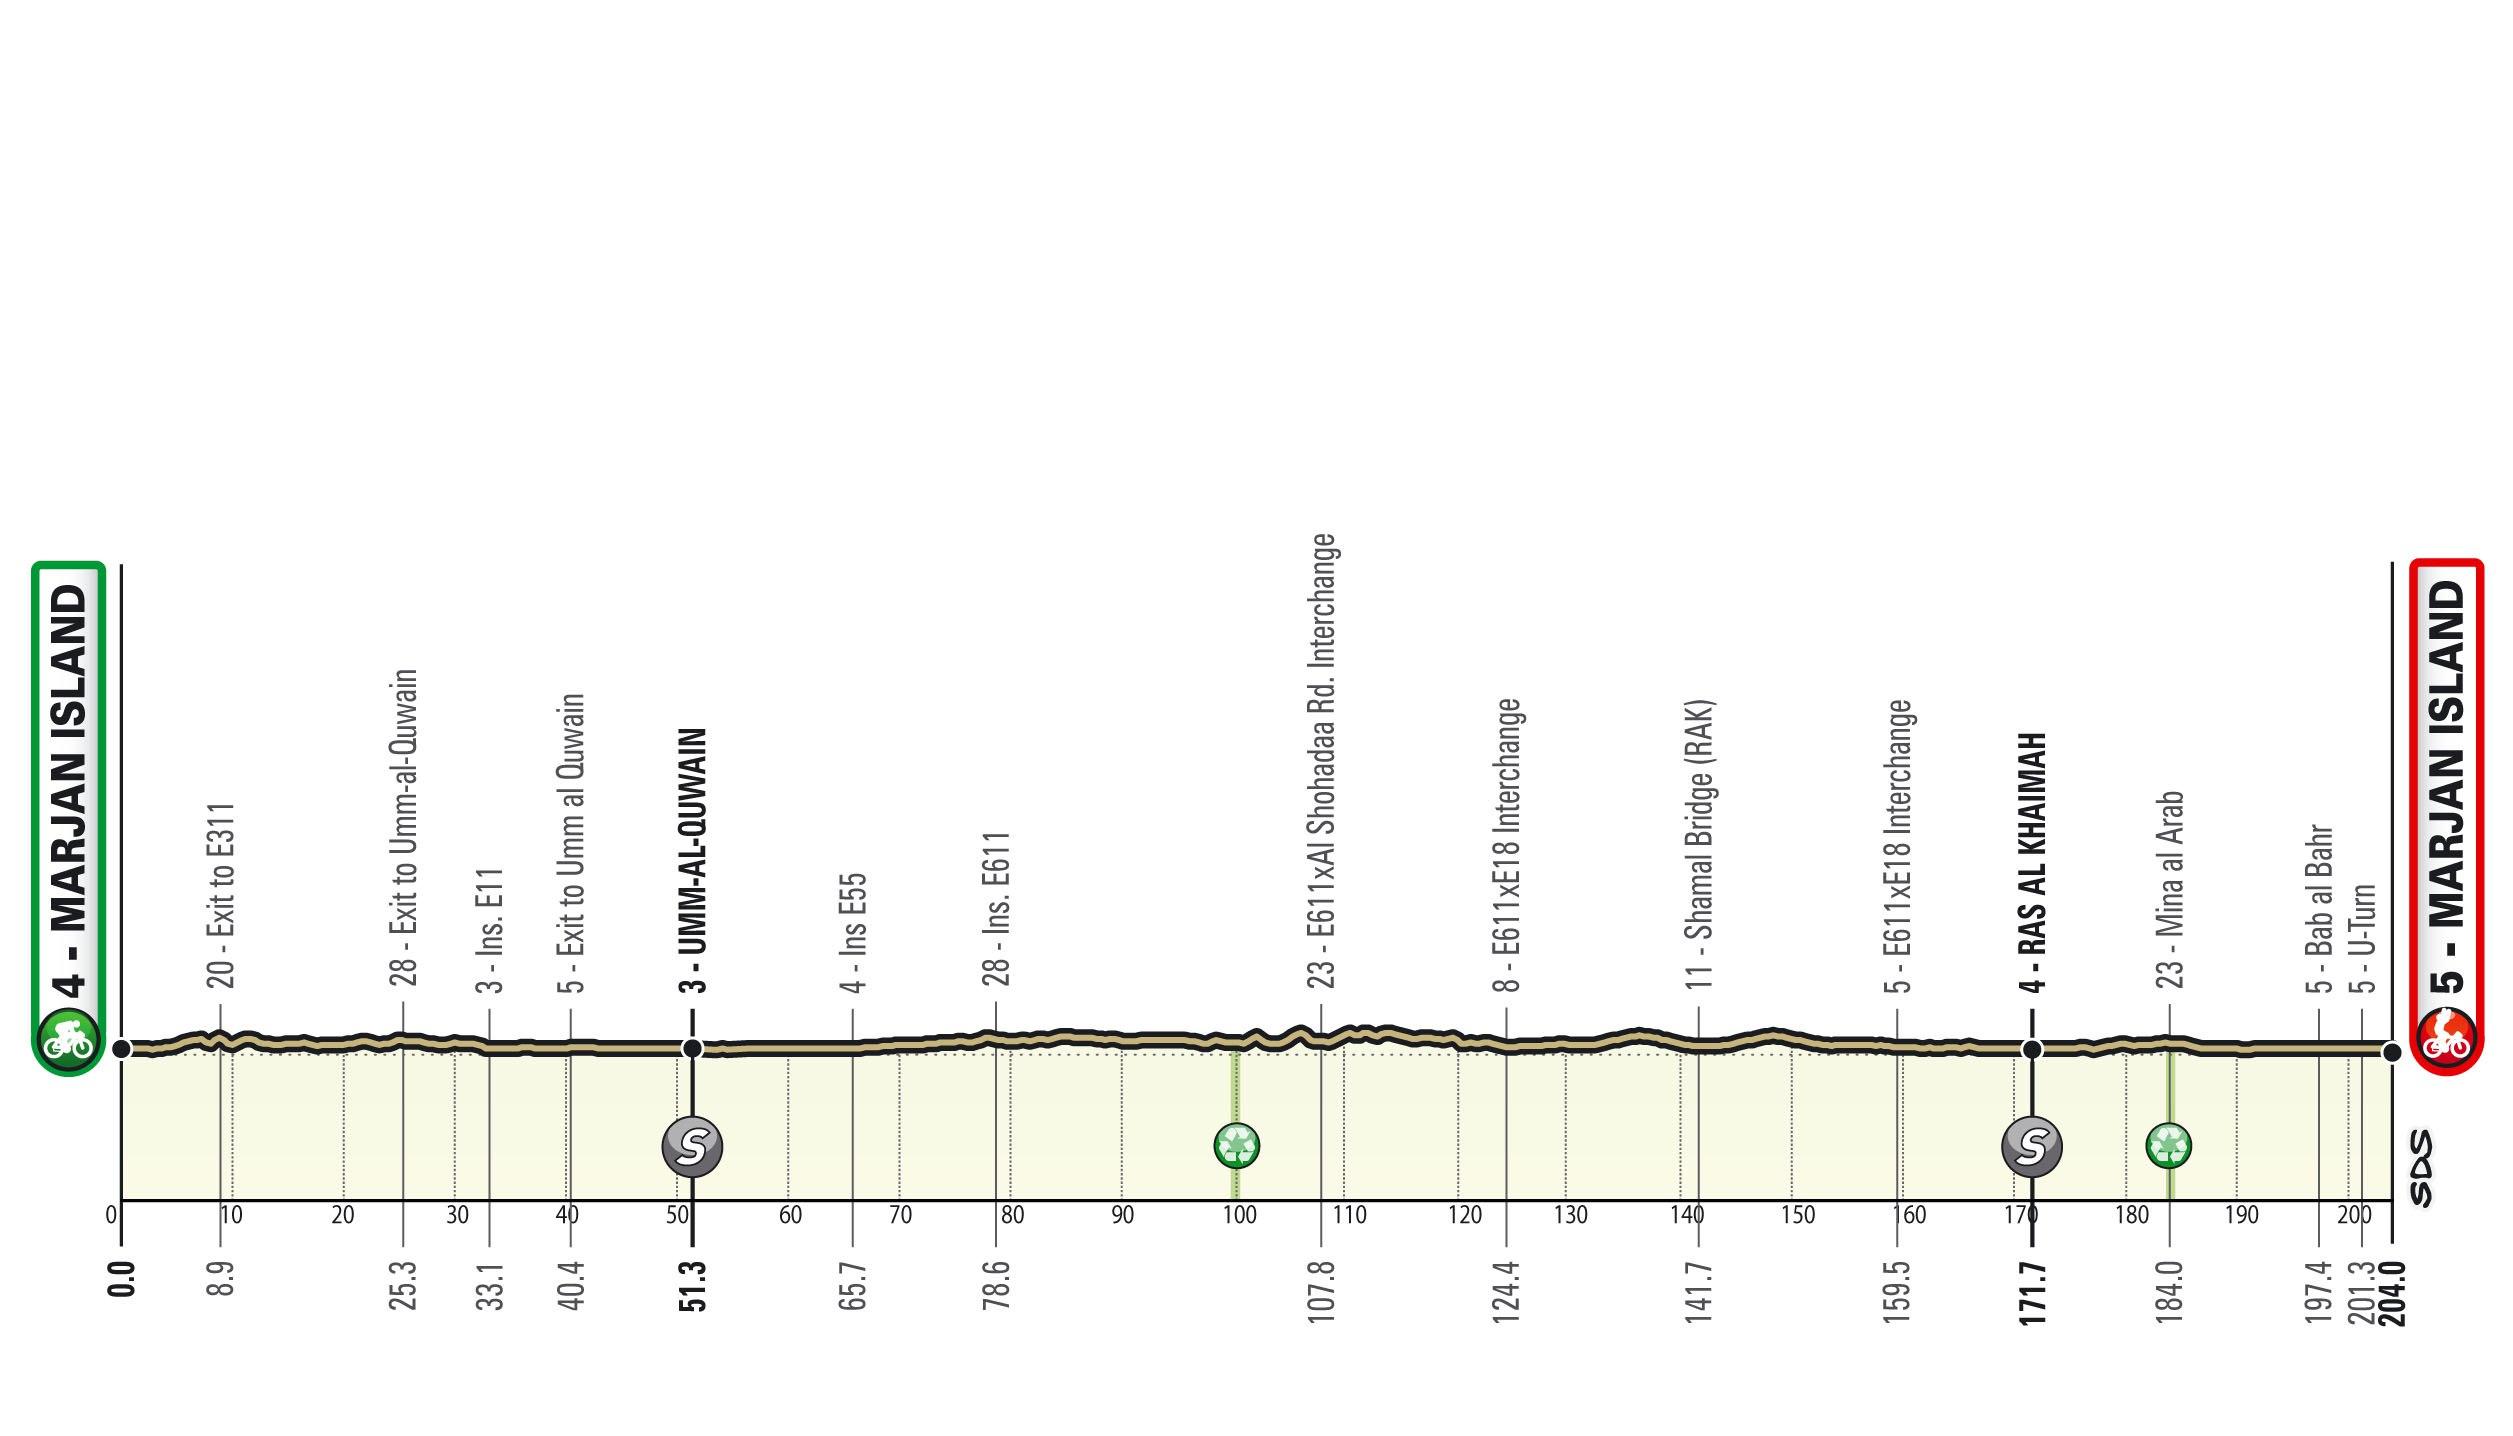 Perfil de la cuarta etapa del UAE Tour 2021